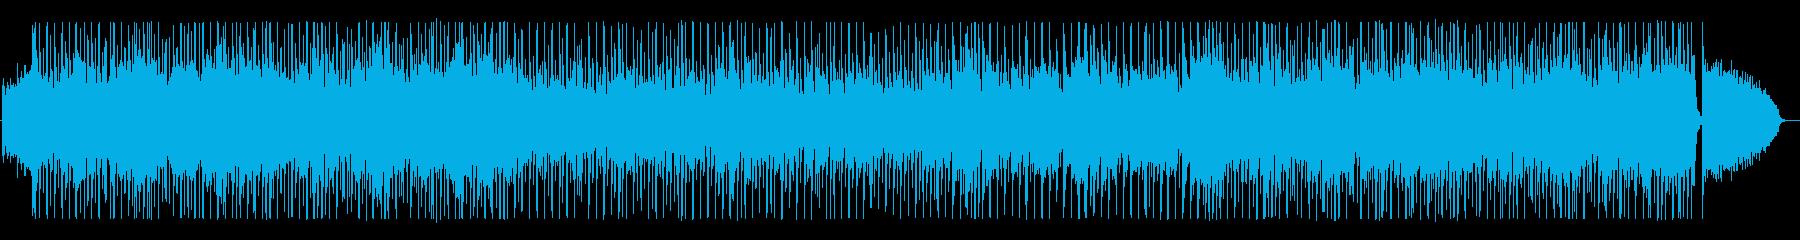 シンセサイザー中心のサンバの再生済みの波形